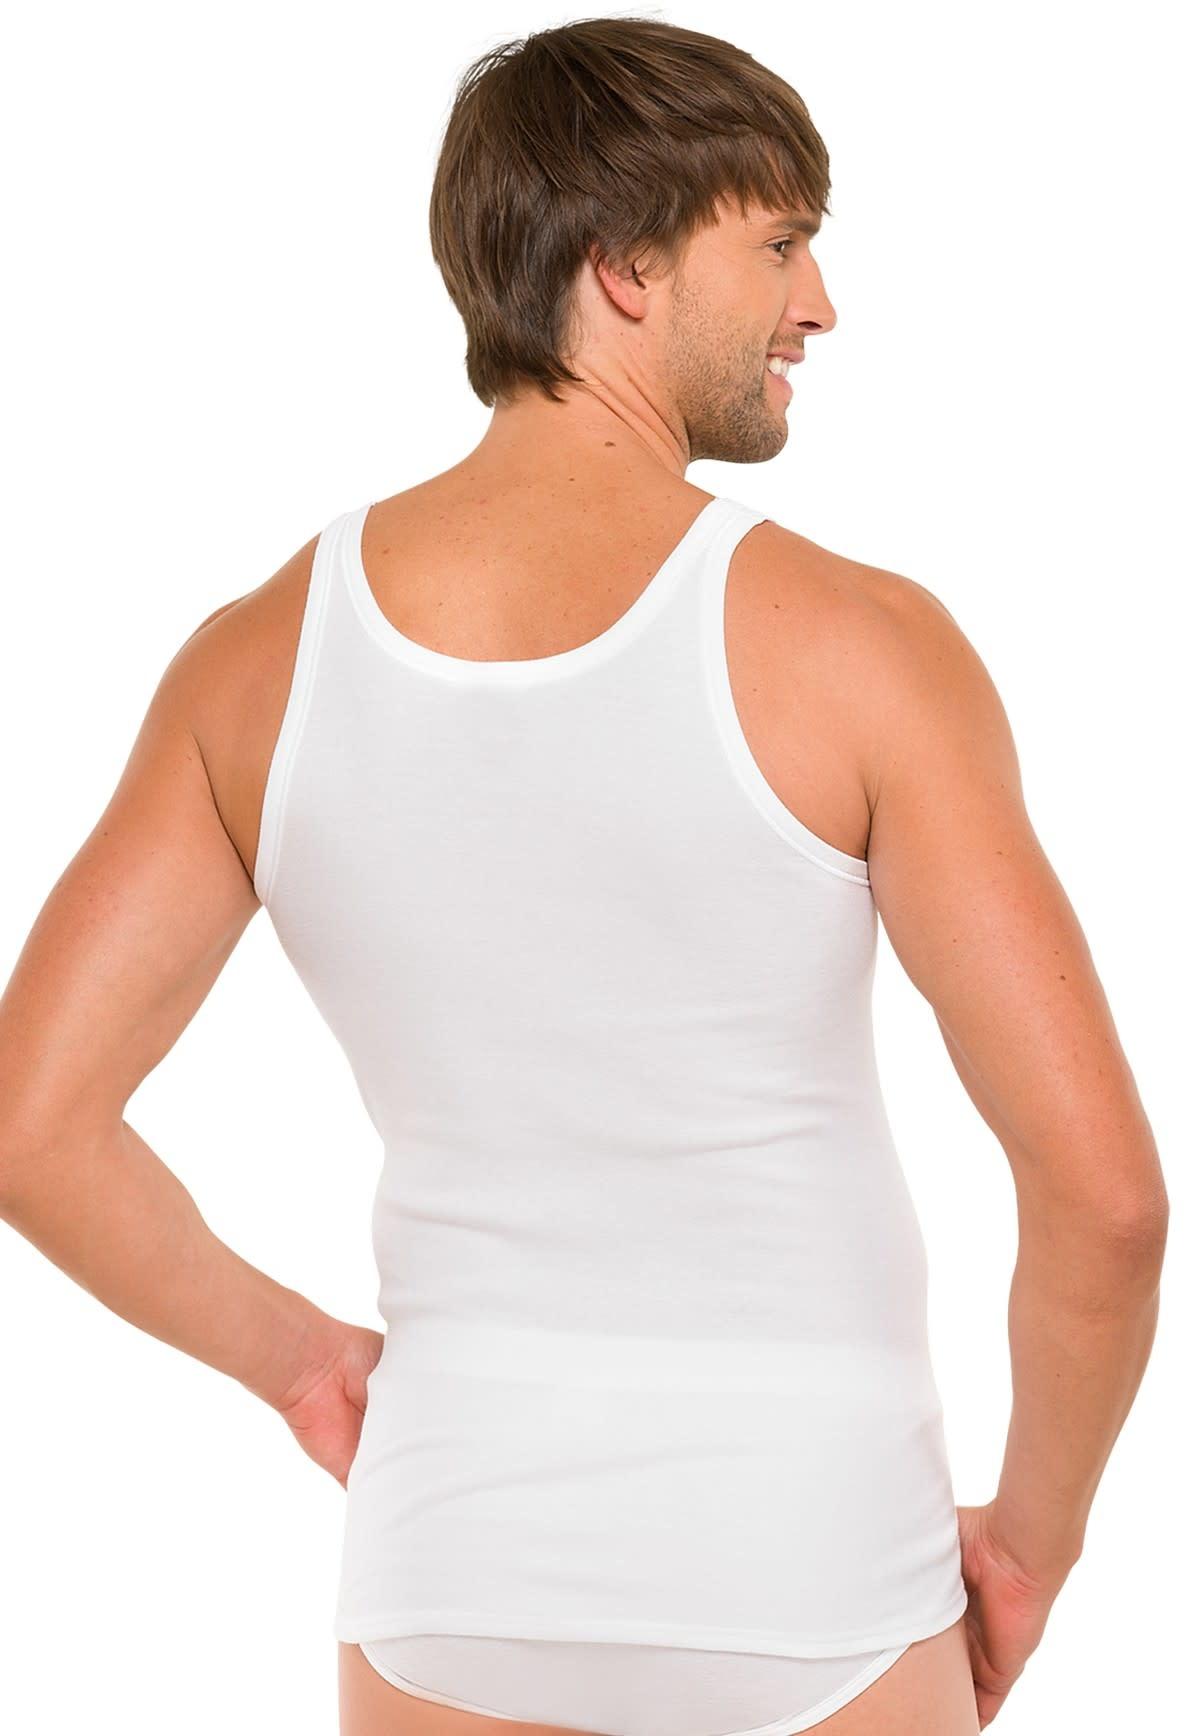 Singlet Cotton Essentials 2-Pack 205144 - wit-2